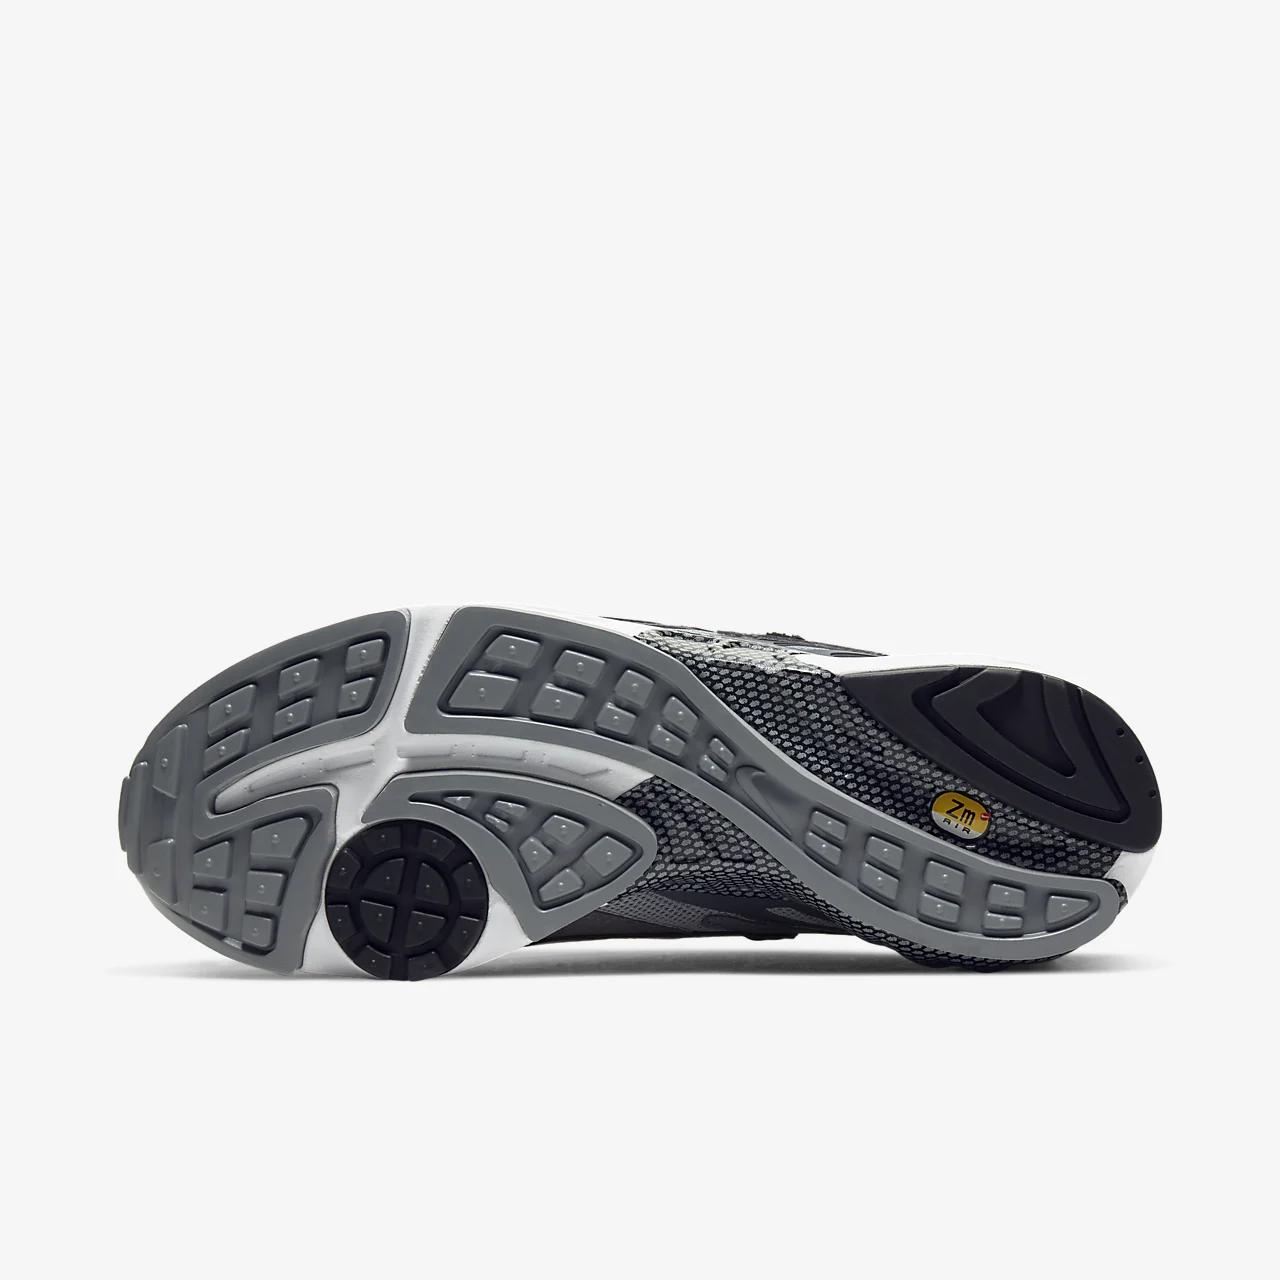 나이키 에어 고스트 레이서 남성 신발 AT5410-003